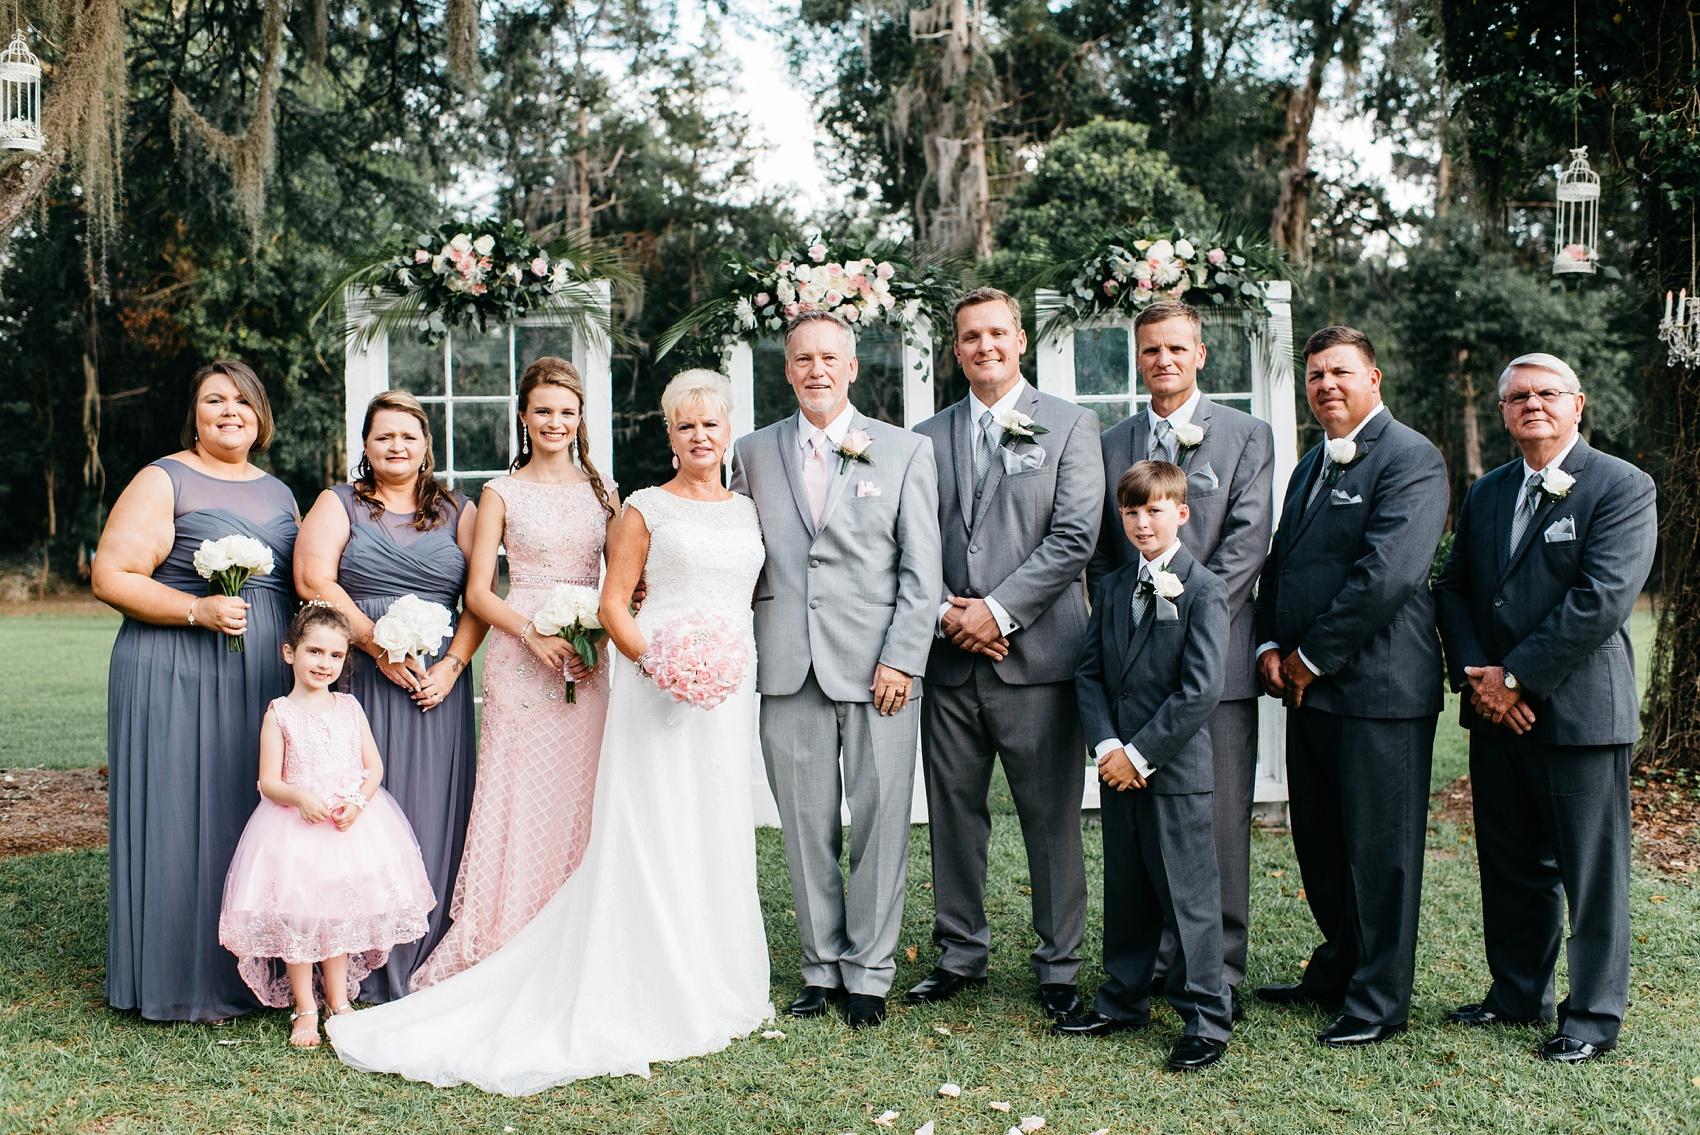 stillco_wedding_3265.jpg